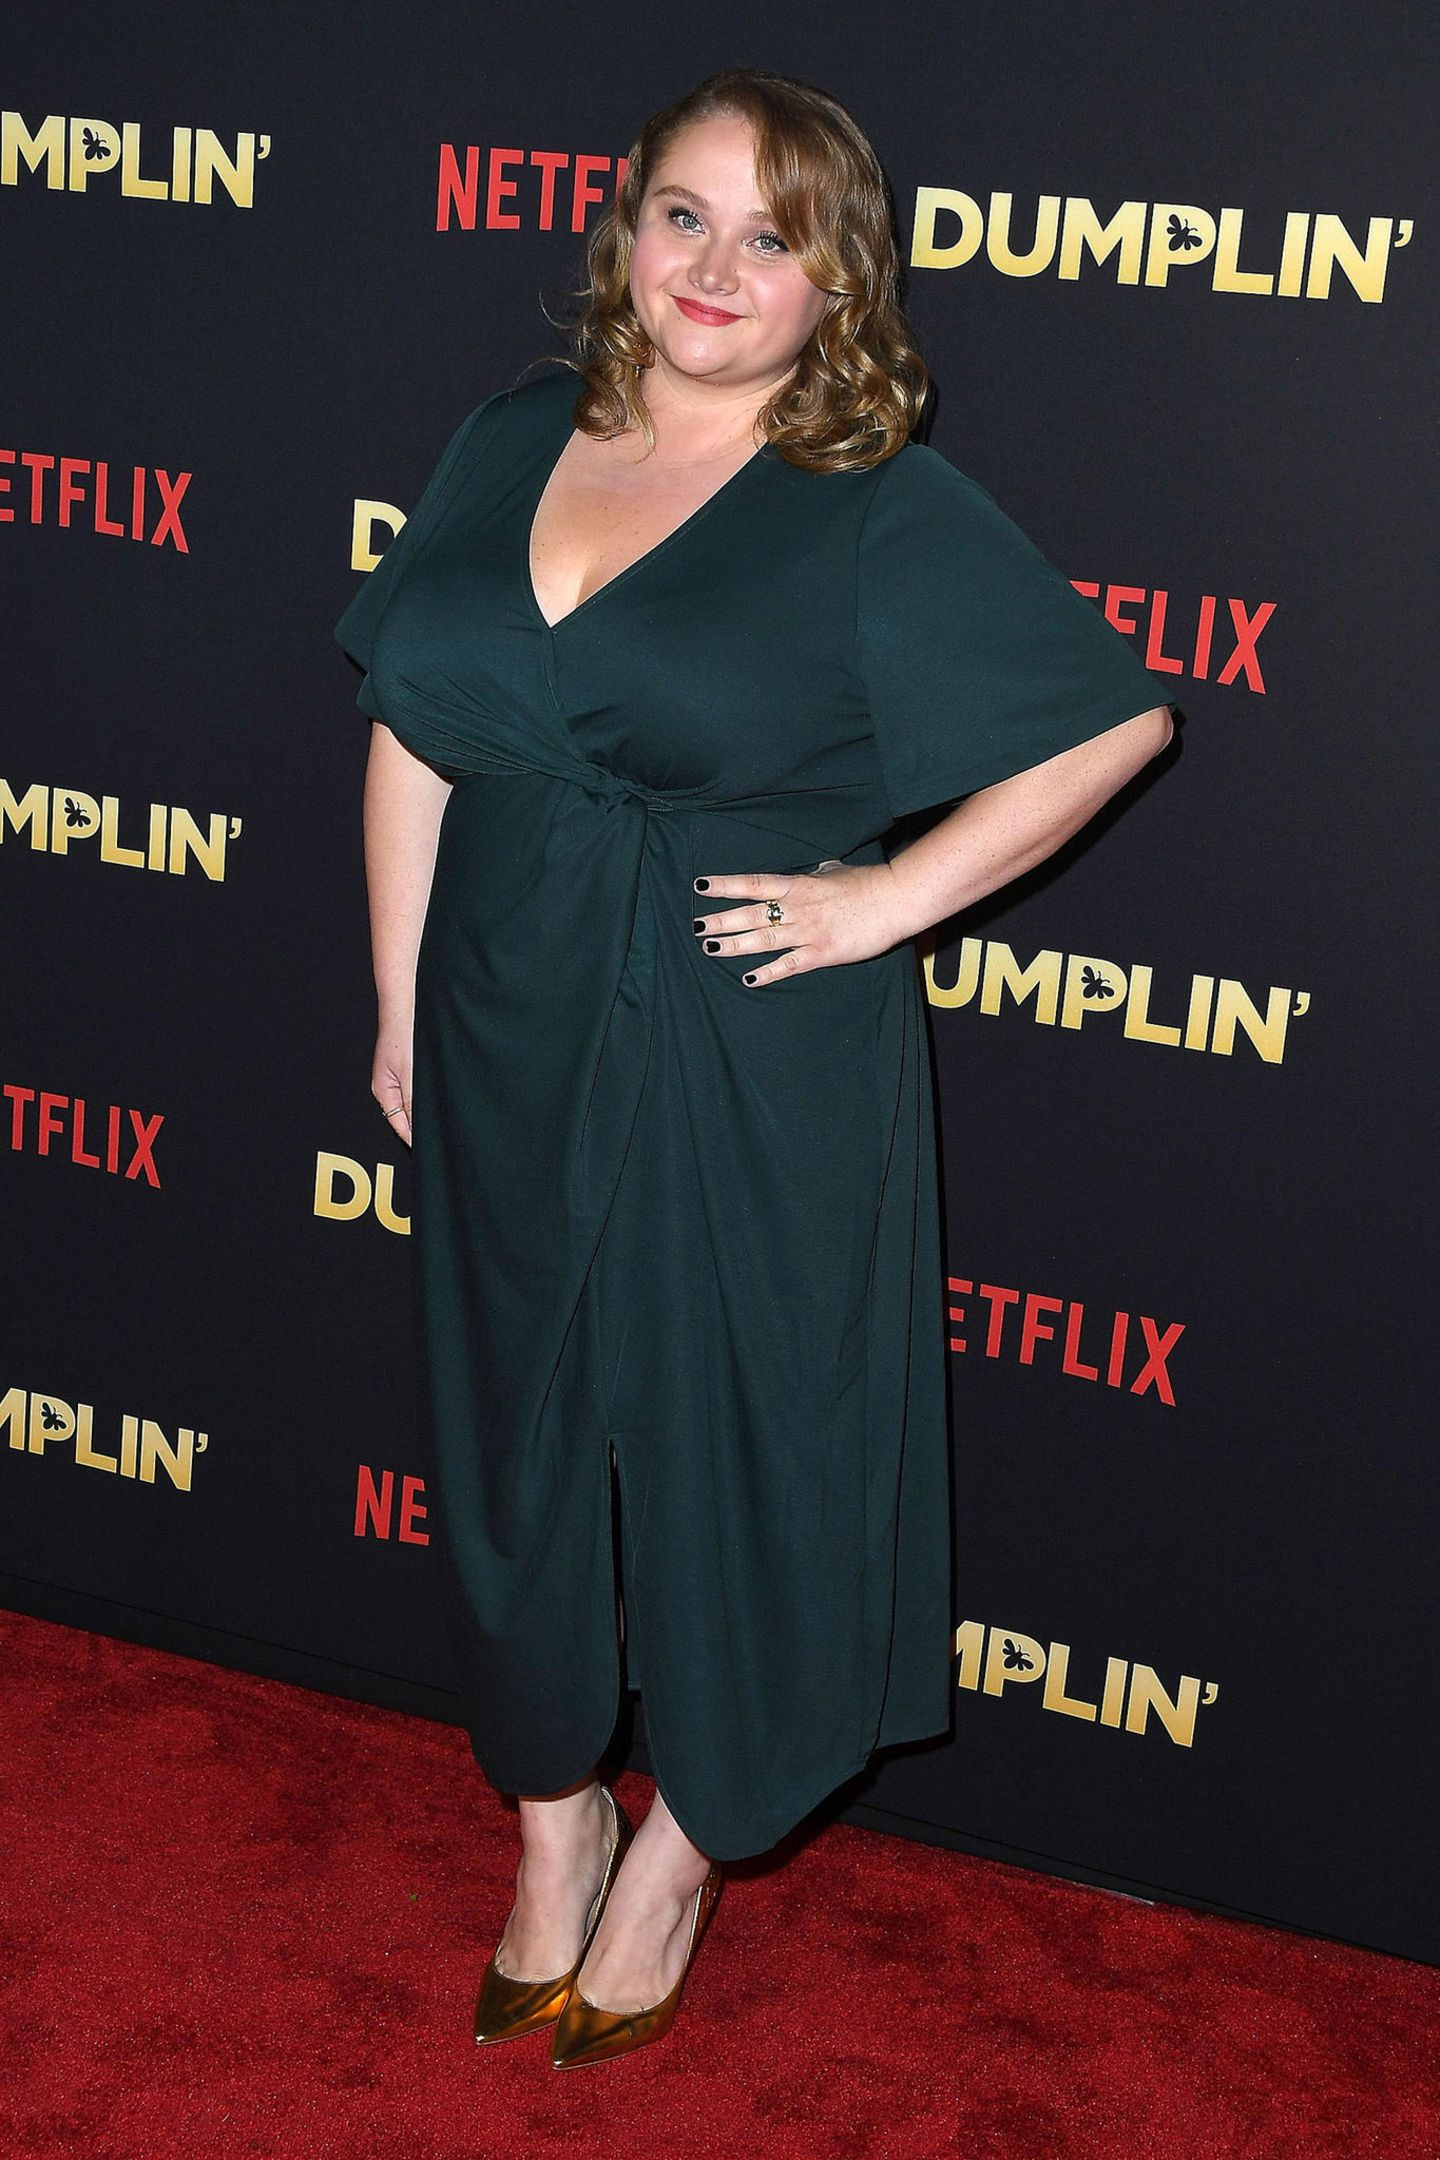 """Danielle Macdonaldfeiert als Jennifer Anistons Filmtochter im Netflix-Film """"Dumplin"""" ihre Premiere, und das ganz elegant im petrolfarbenen Seidenkleid."""